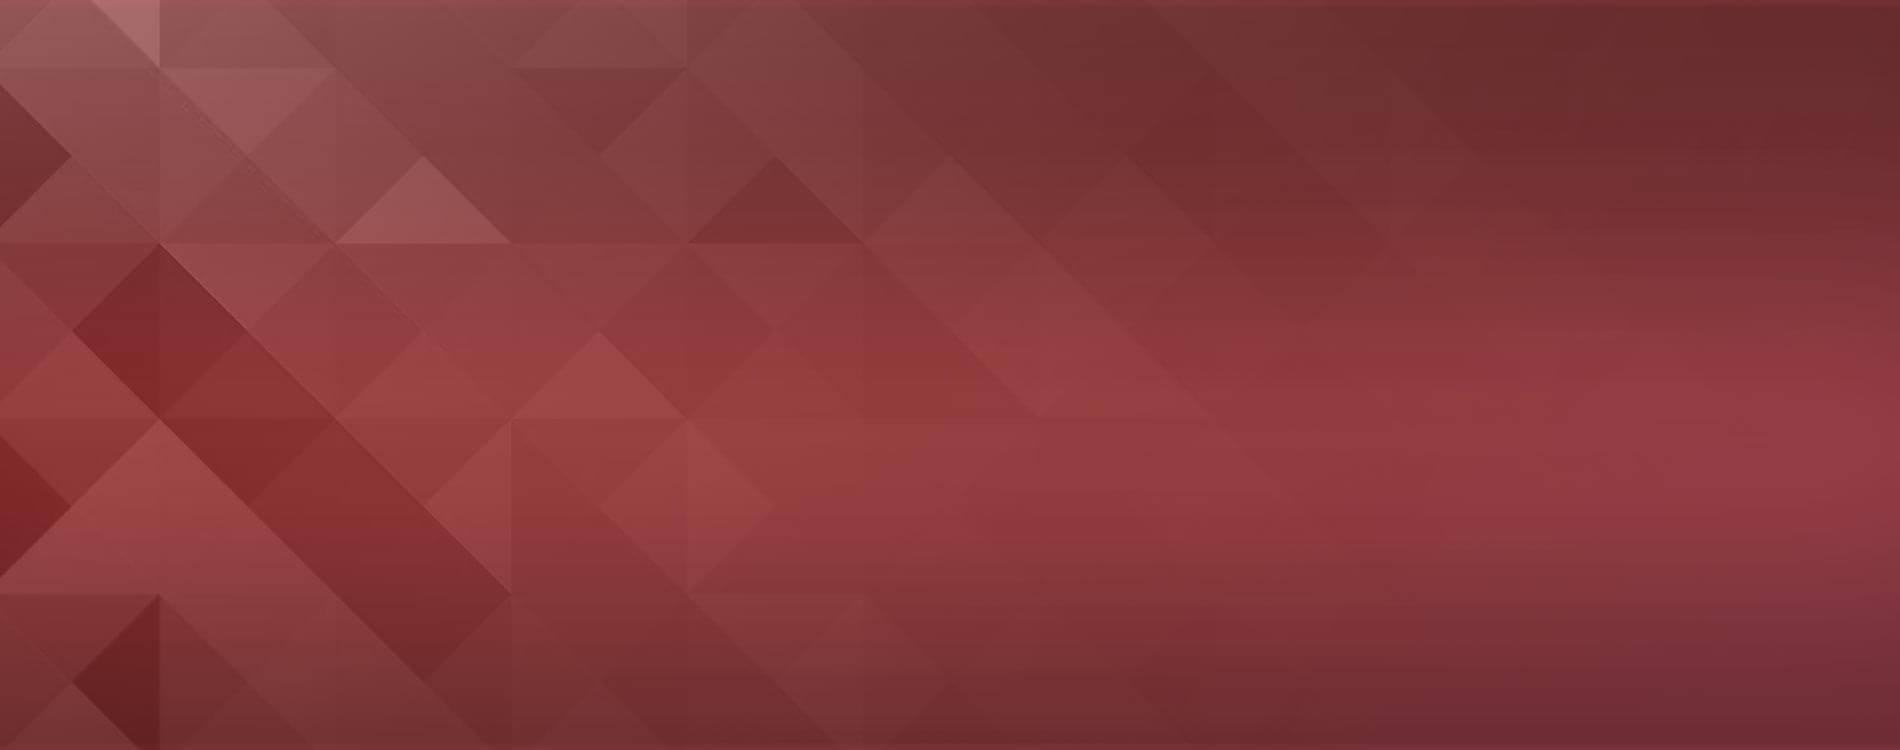 fundo-vermelho-quadriculado